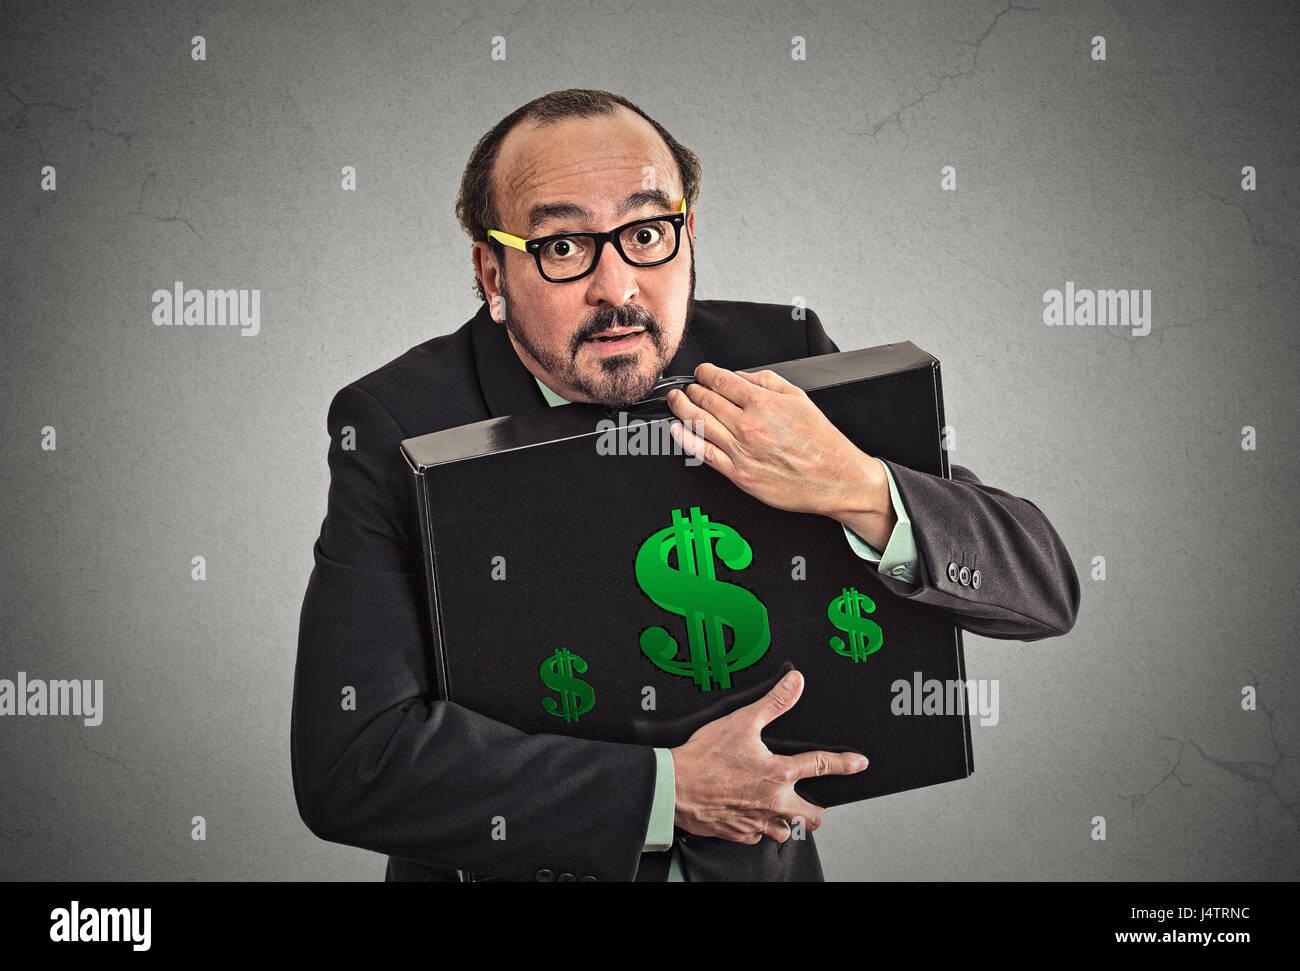 Dinero codicia riqueza seguridad. Rico hombre de negocios en traje sujetar abrazos apretados caso completo con dólares Imagen De Stock